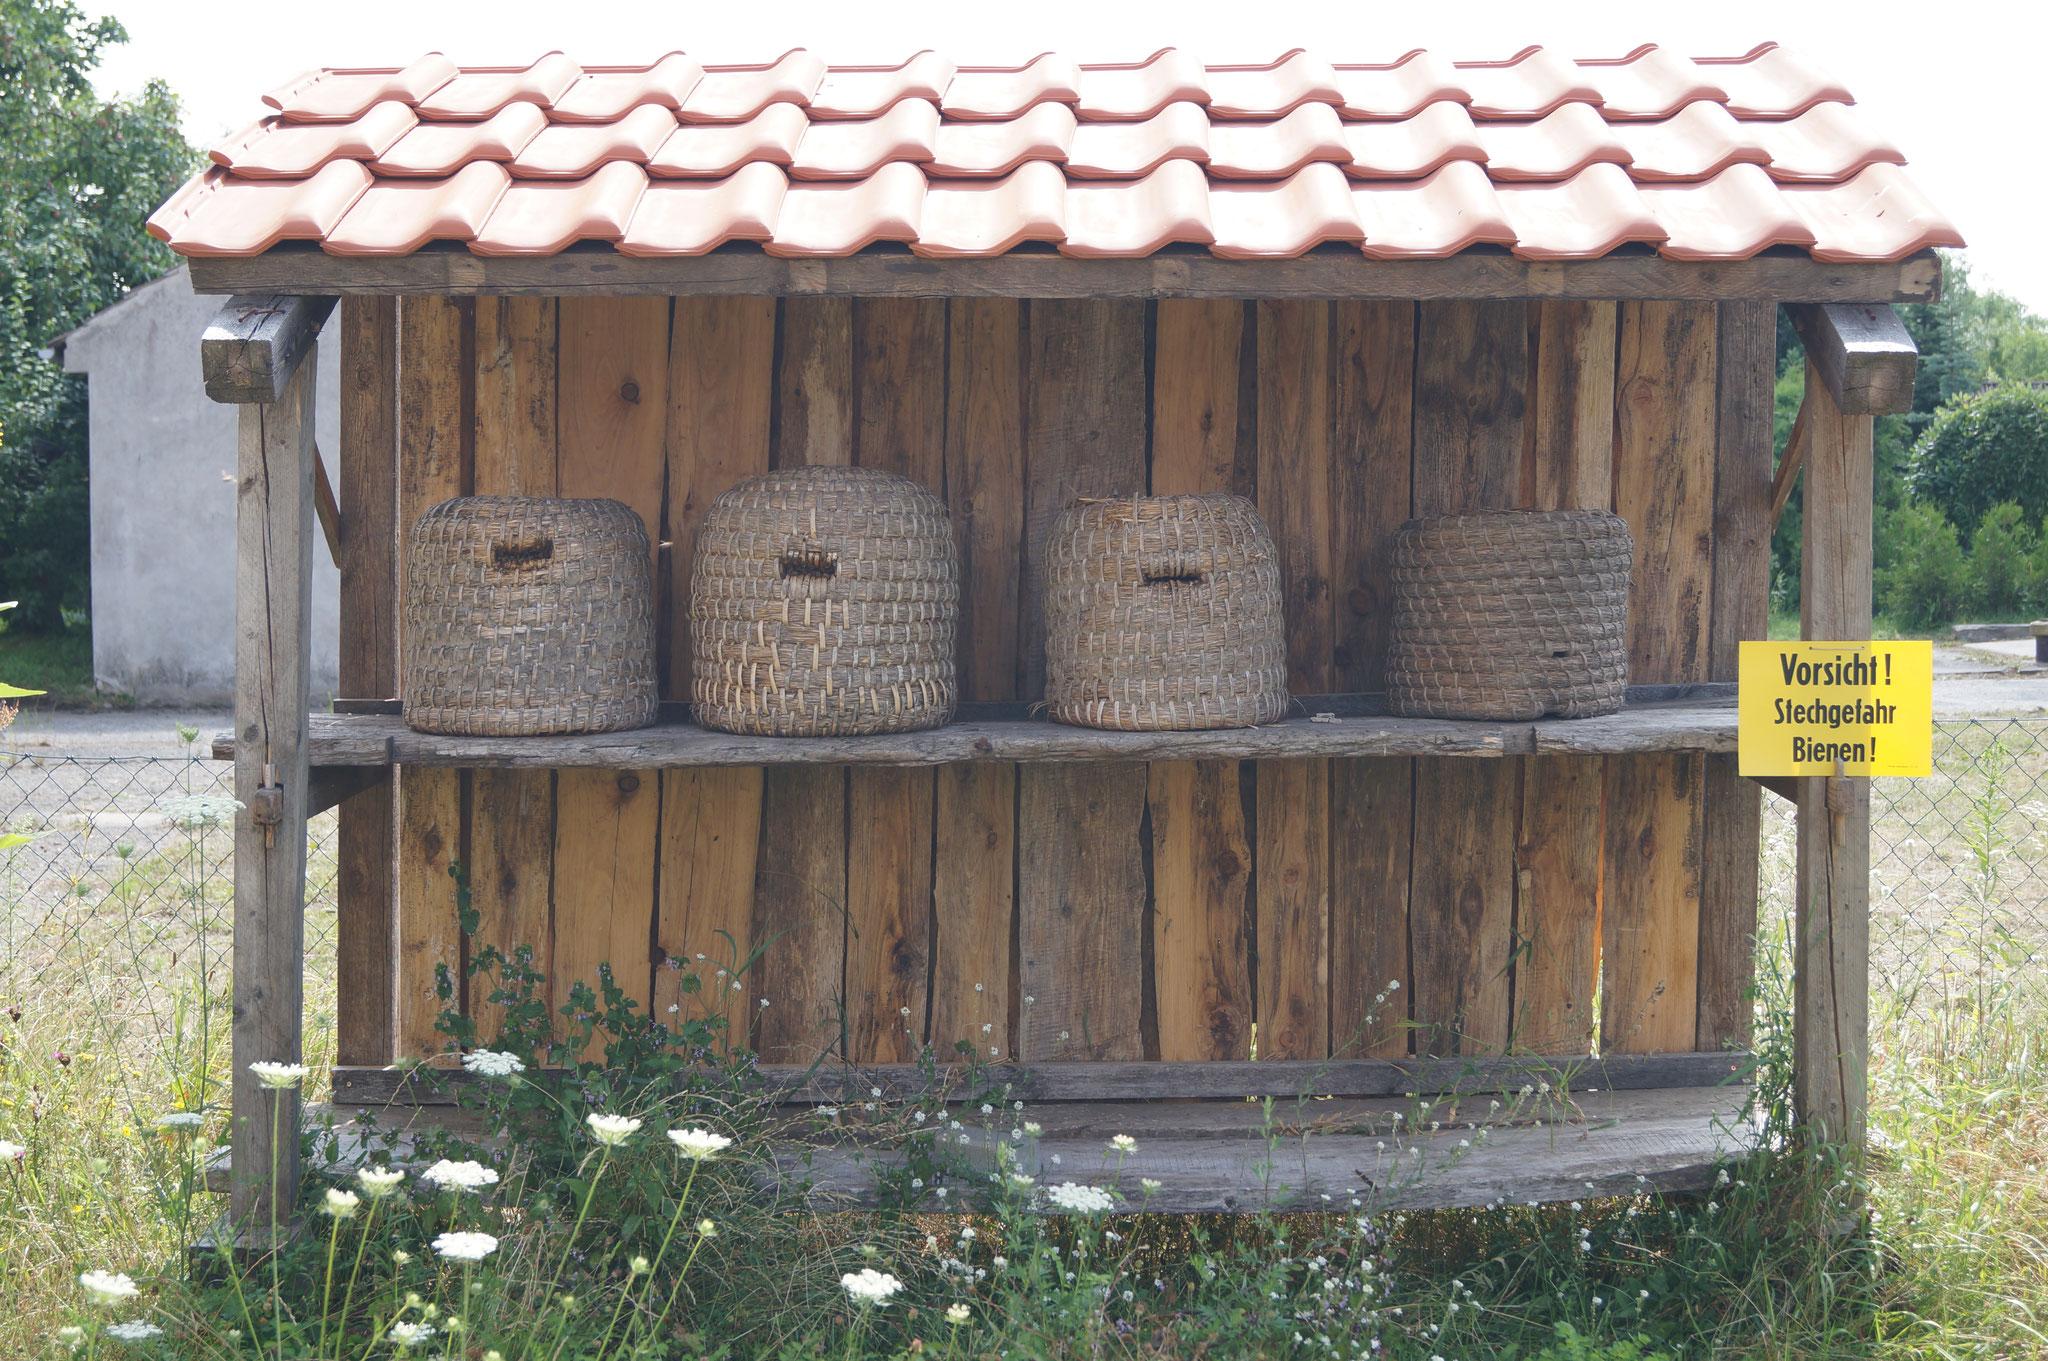 Traditionelle Bienenkörbe aus Stroh geflochten. Die Korbimkerei geht bis in die Zeit der Germanen zurück. Die Waben werden von den Bienen darin im Naturbau angefertigt.